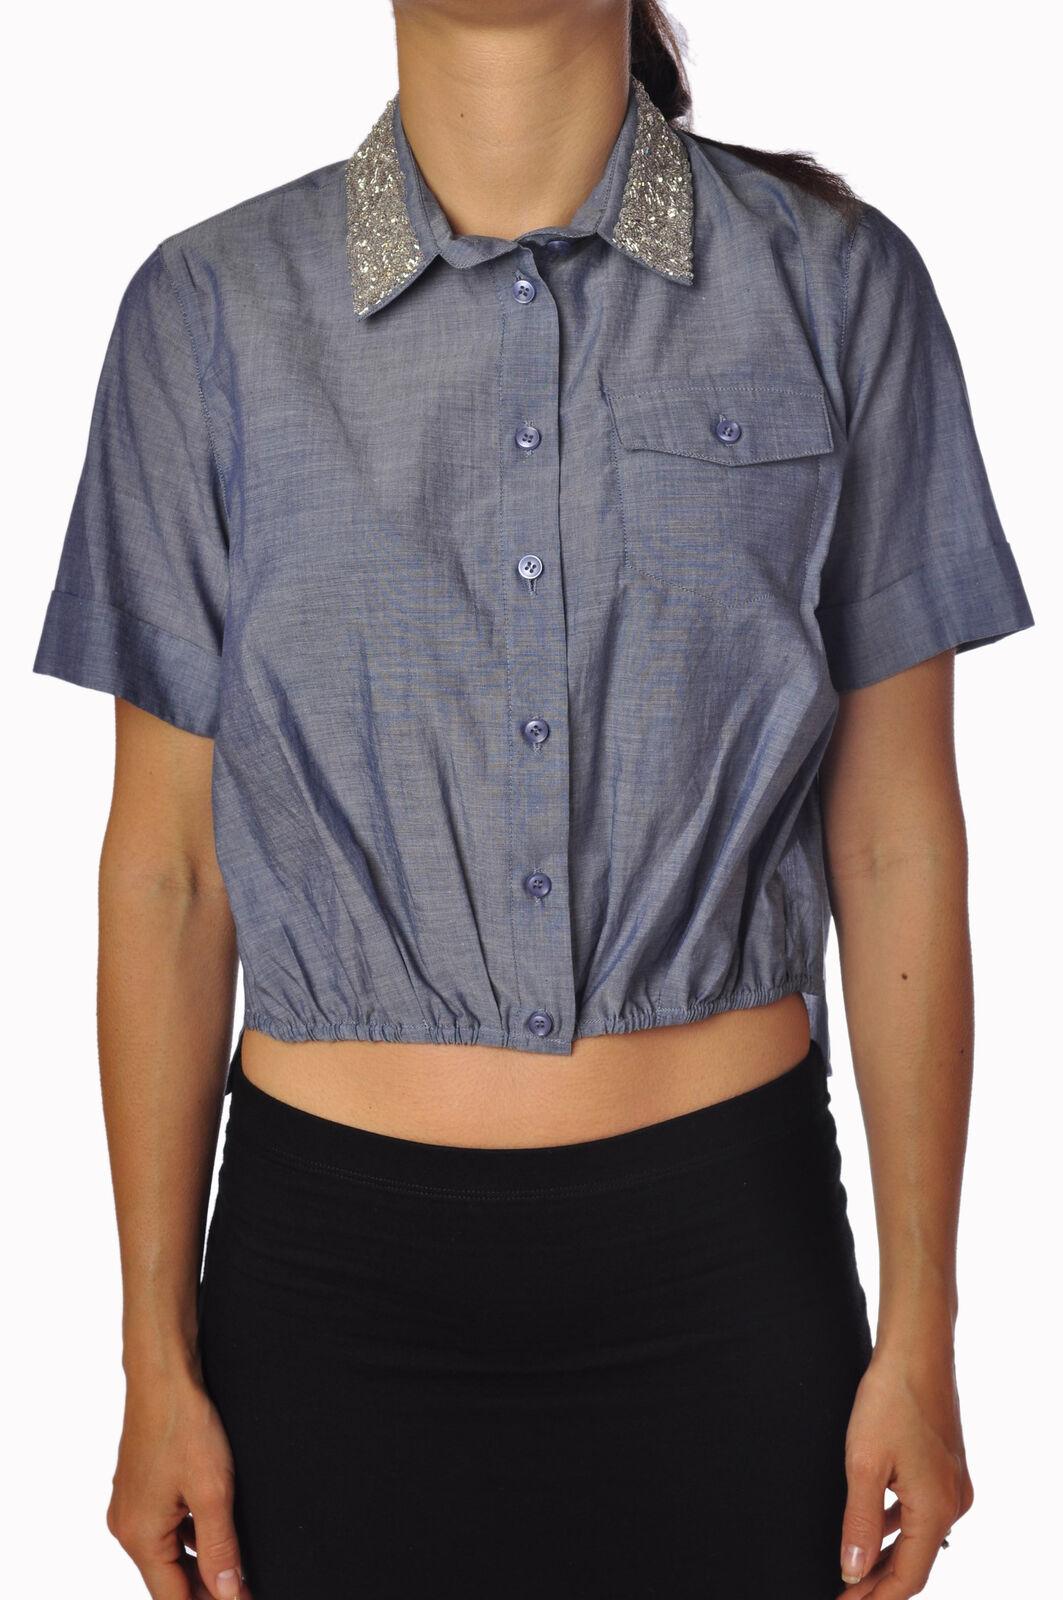 Liu-Jo - Blausen-Shirt - frau - Blau - 789317C184803